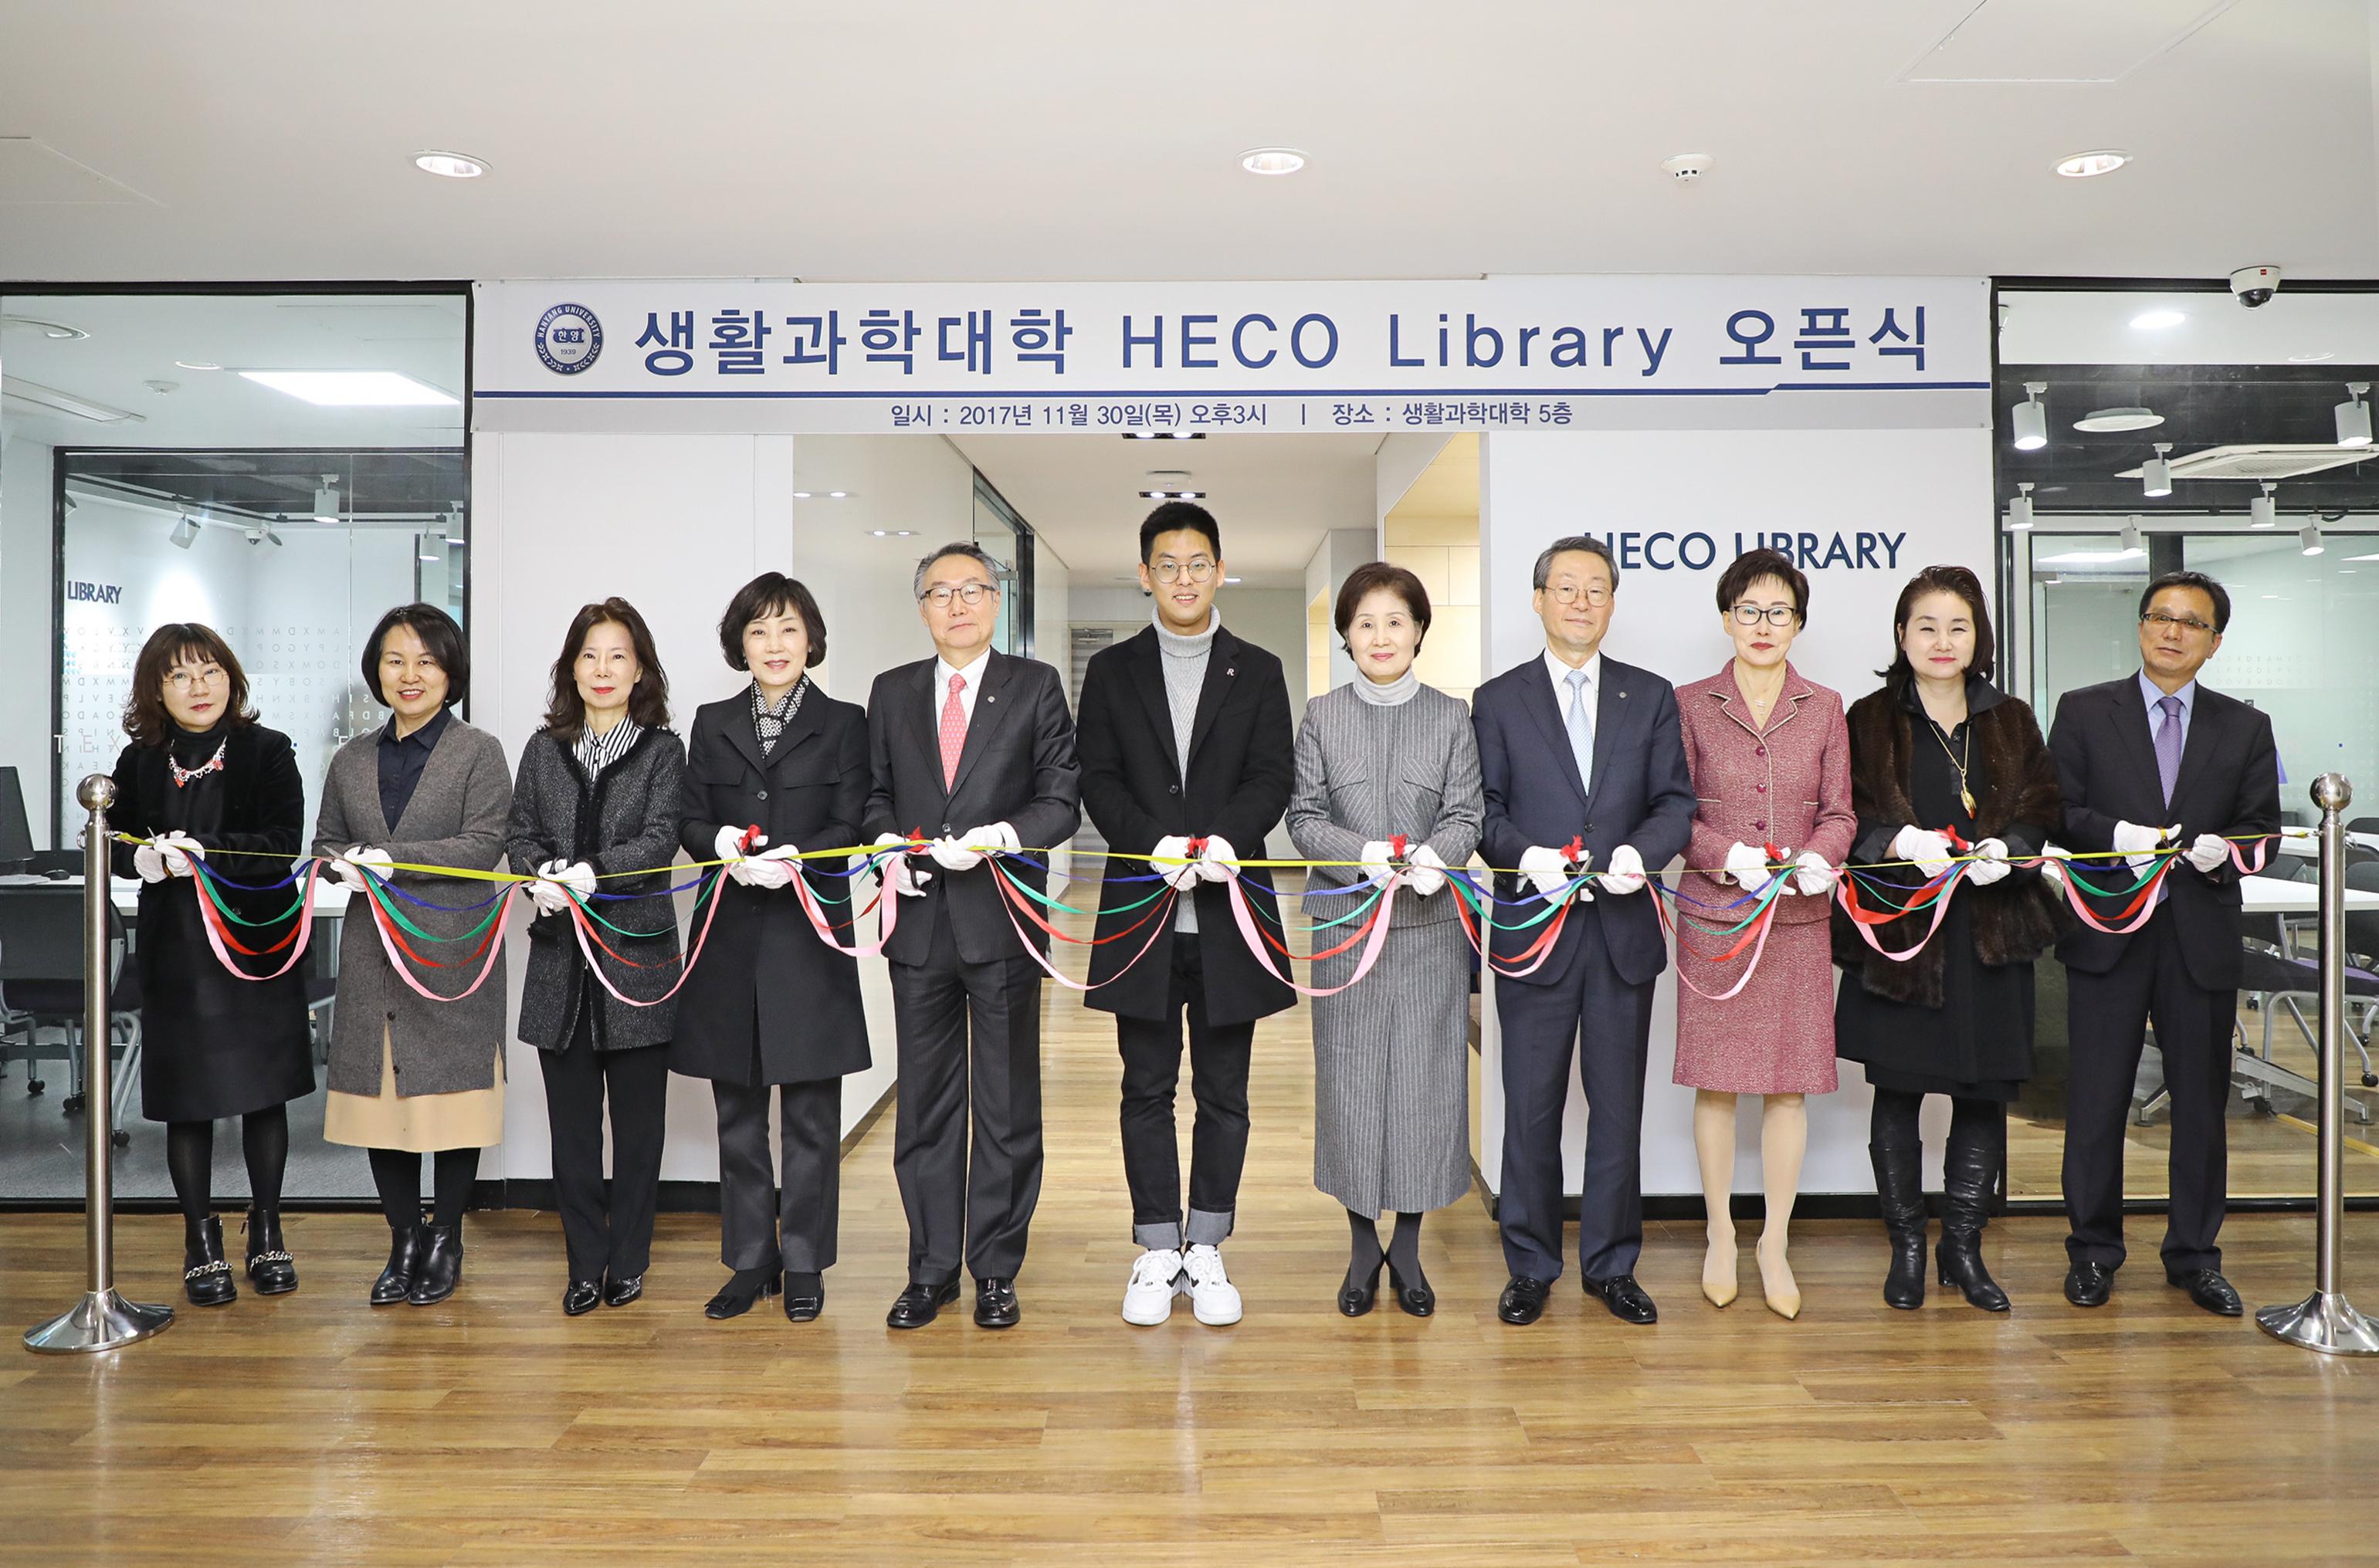 생활과학대학 HECO Library 오픈식